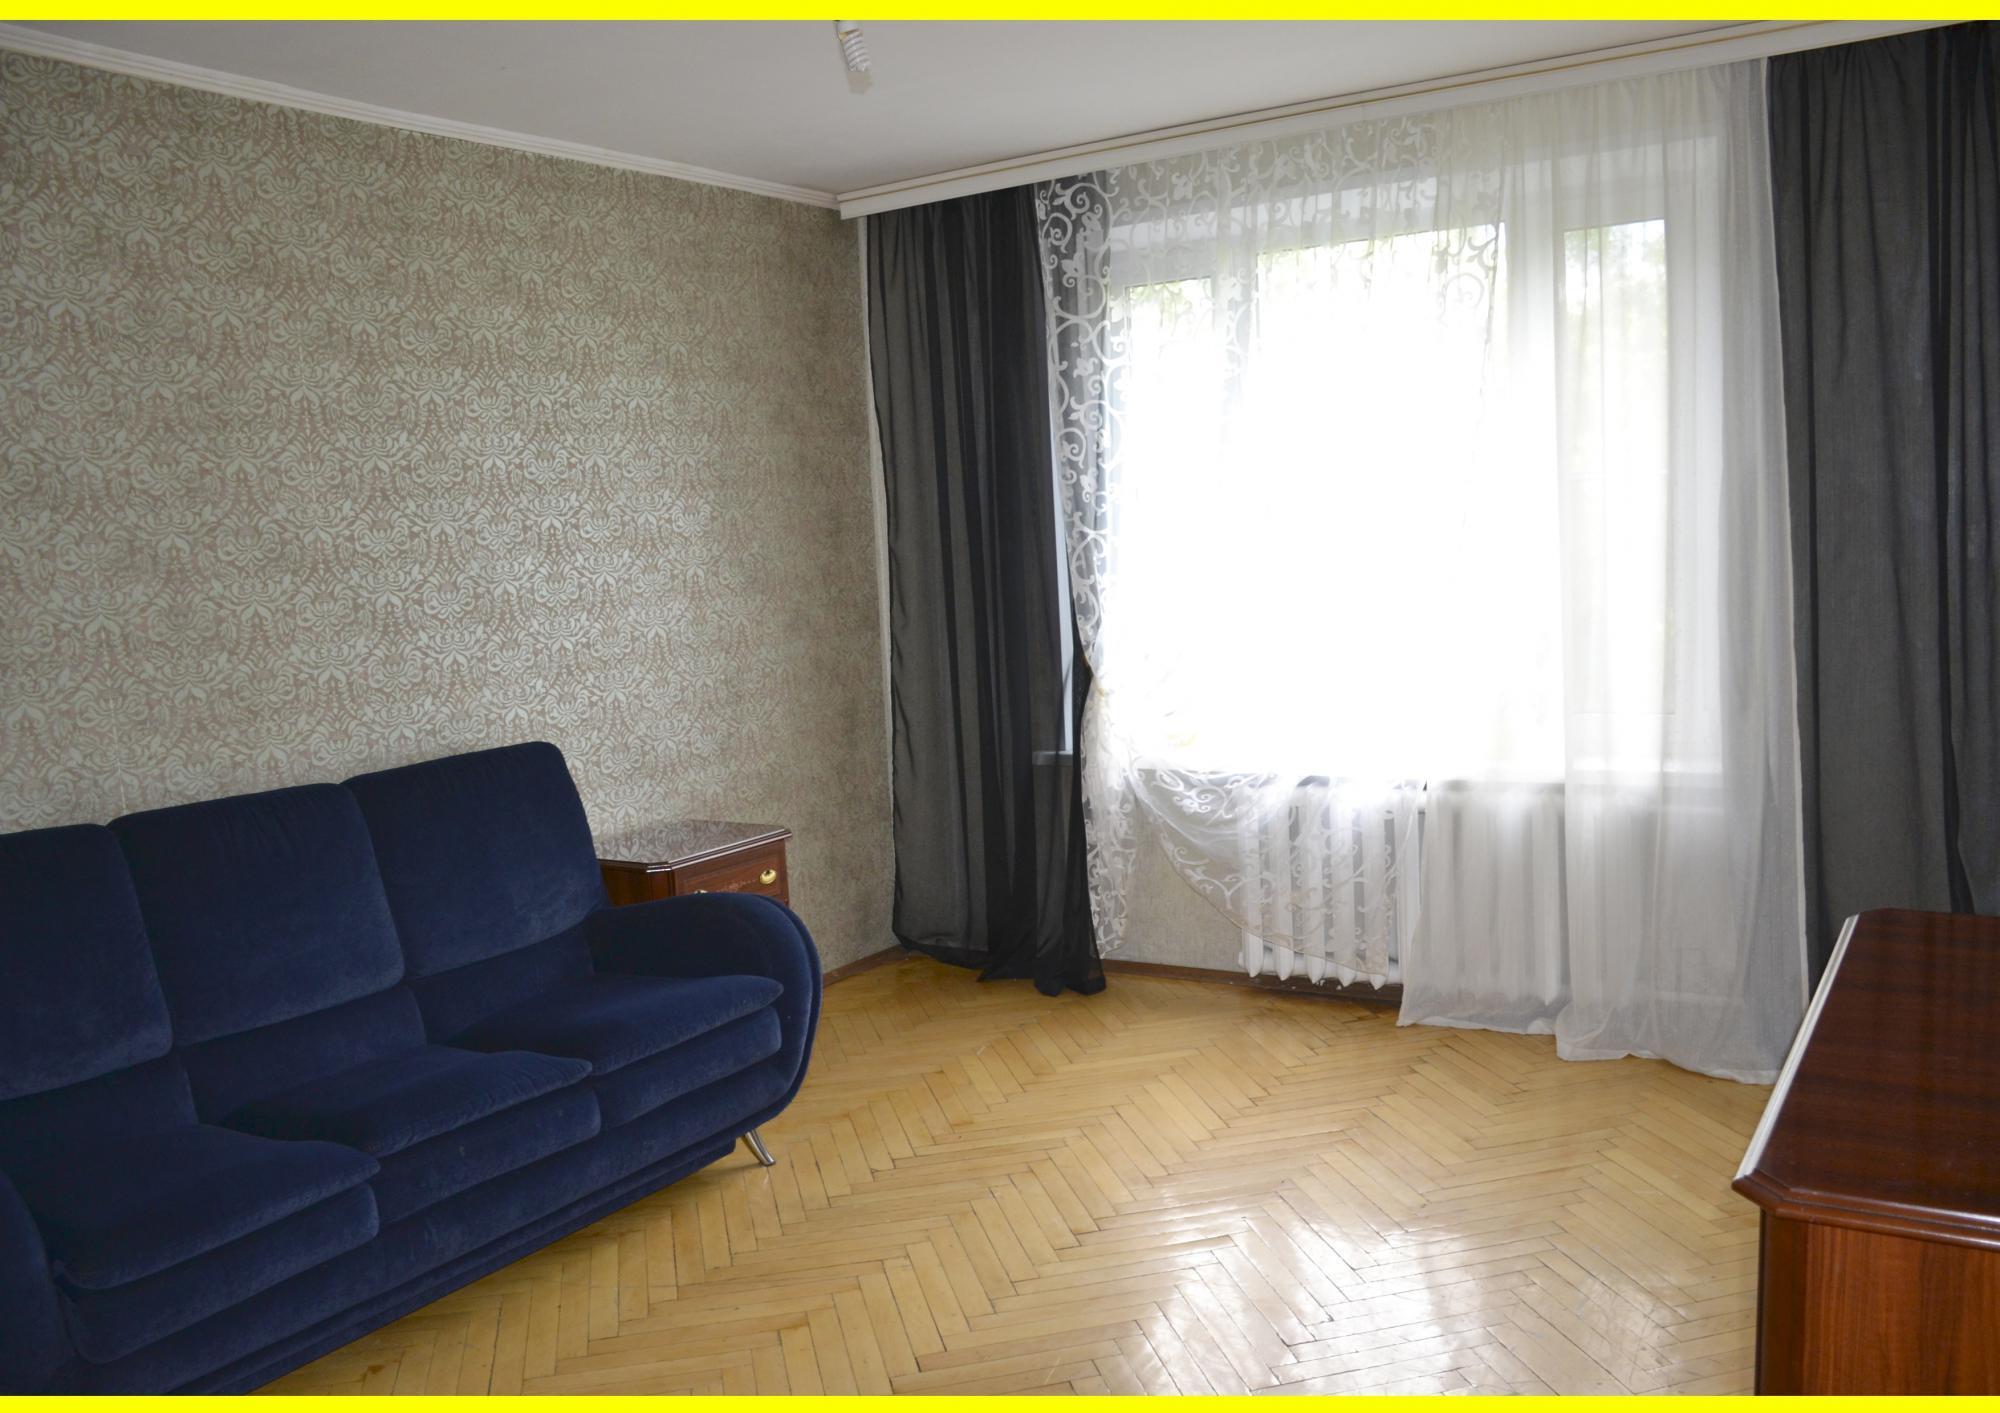 Москва, 1-но комнатная квартира, Кадомцева проезд д.21, 200000 руб.